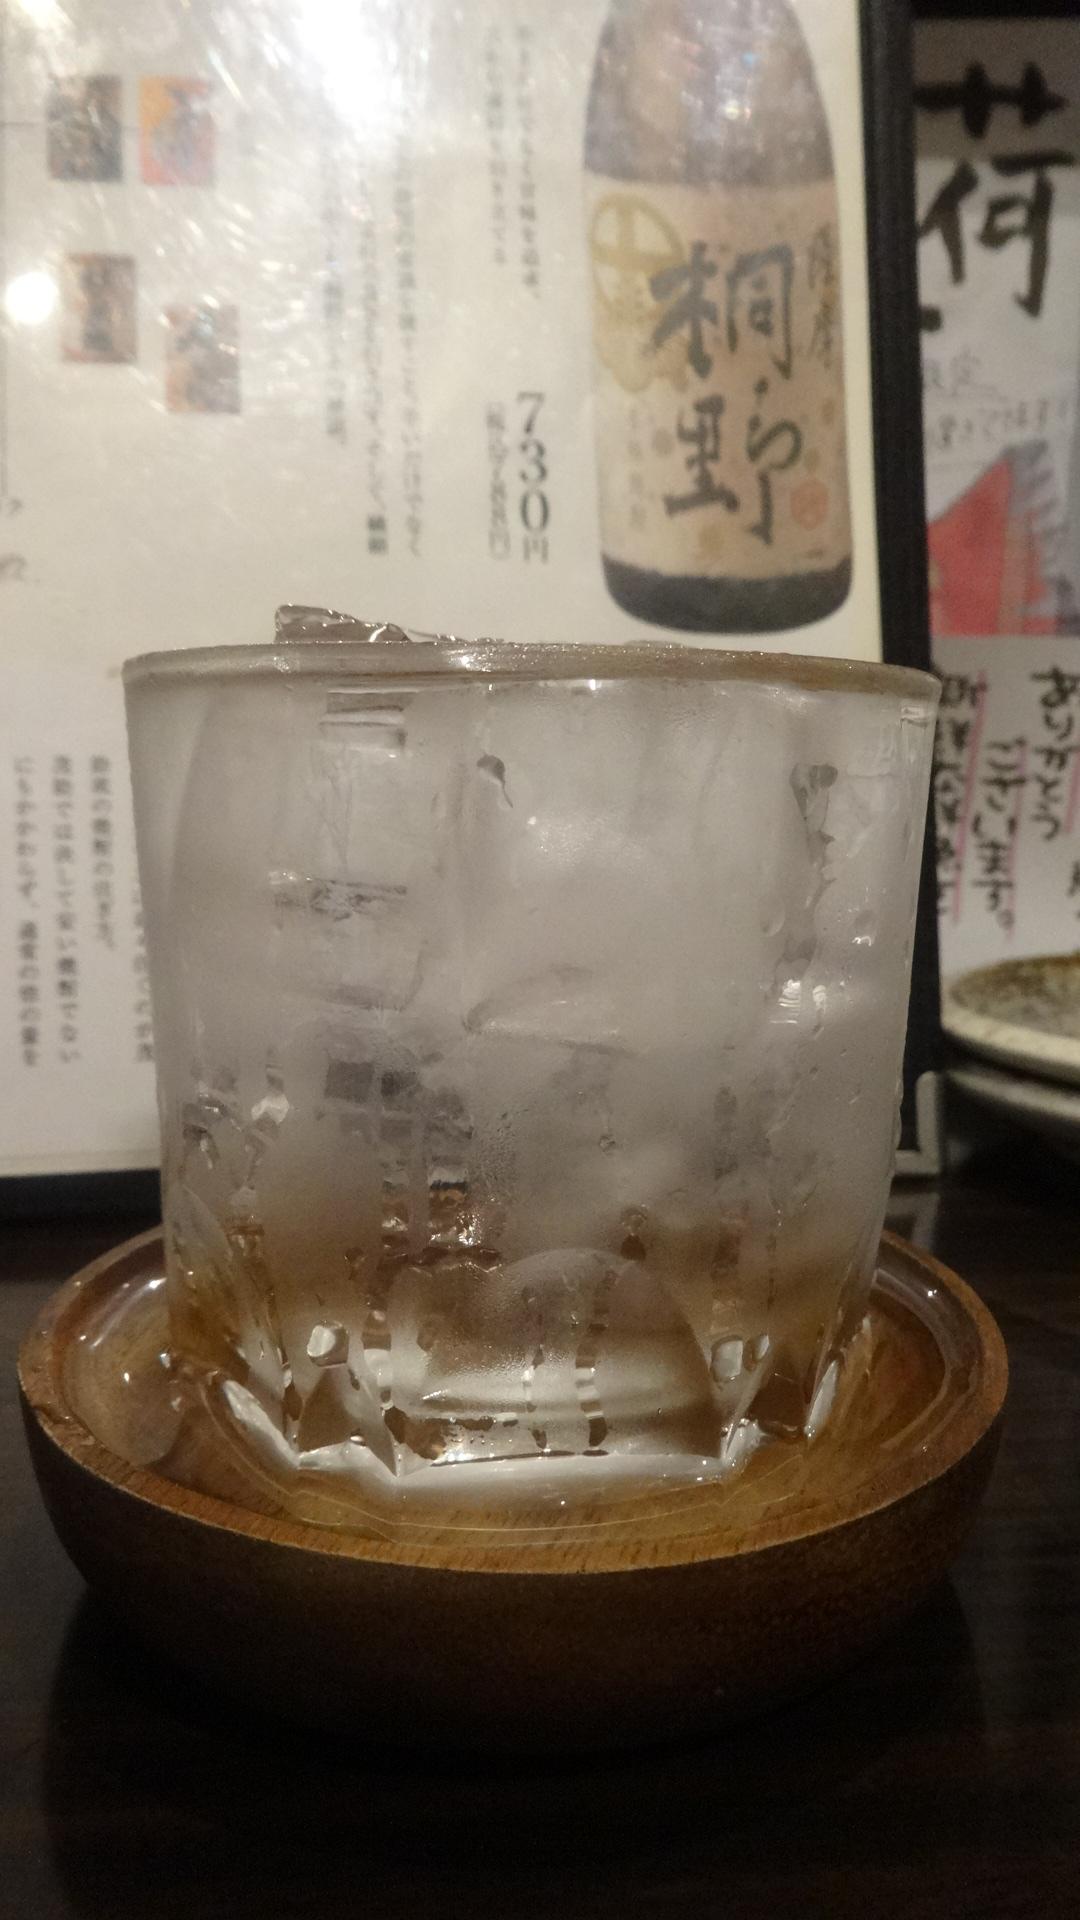 溢れんばかりにグラスに注がれた焼酎